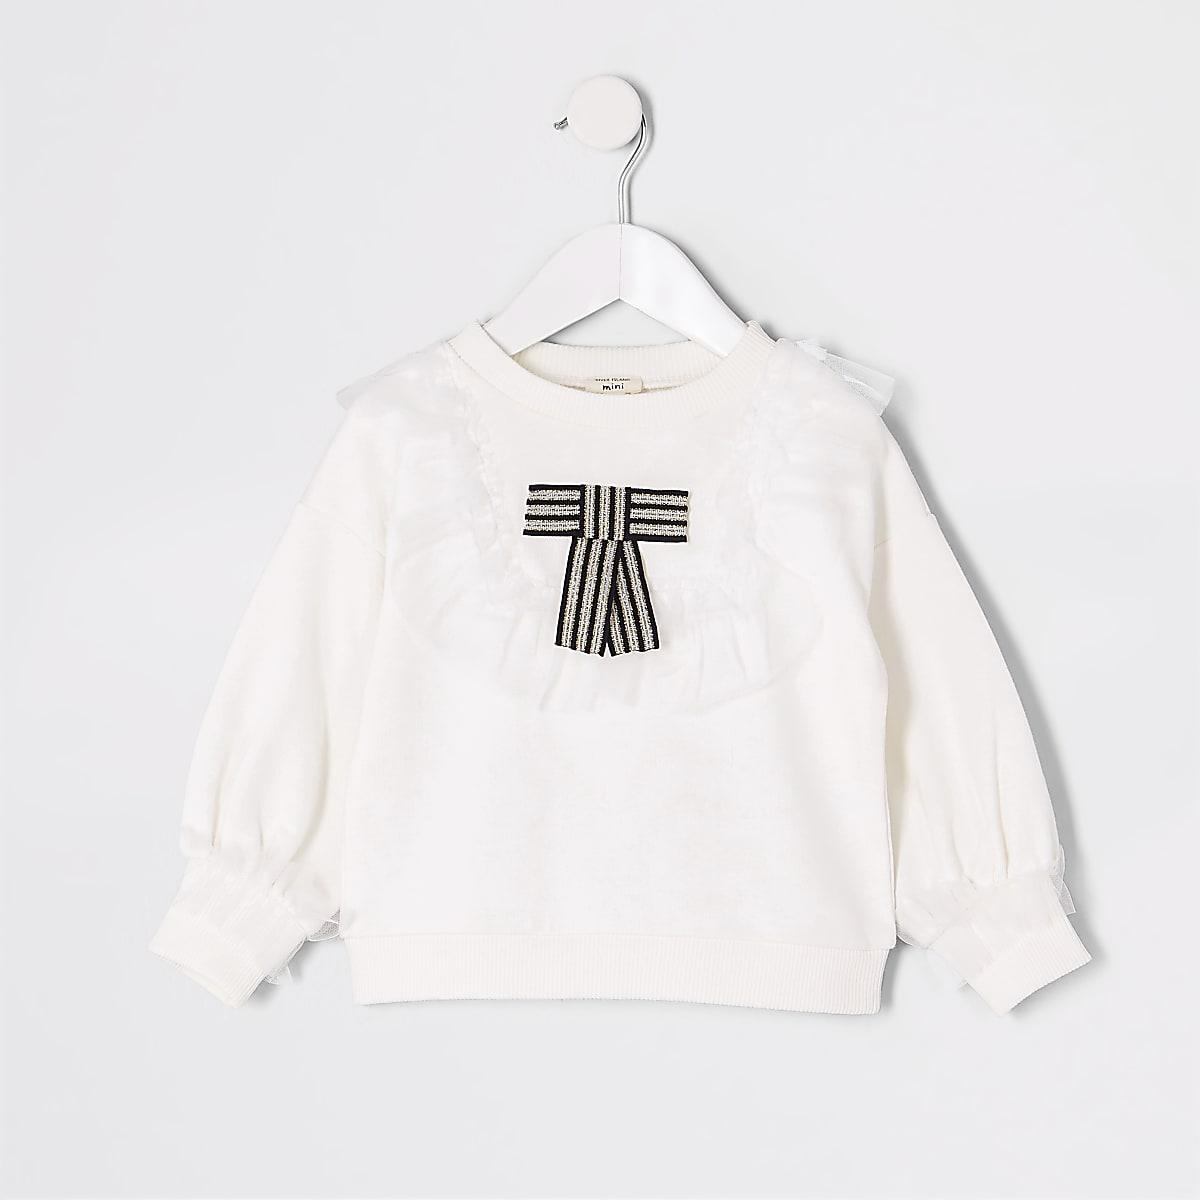 Mini - Wit sweatshirt met strik en mesh zoom voor meisjes